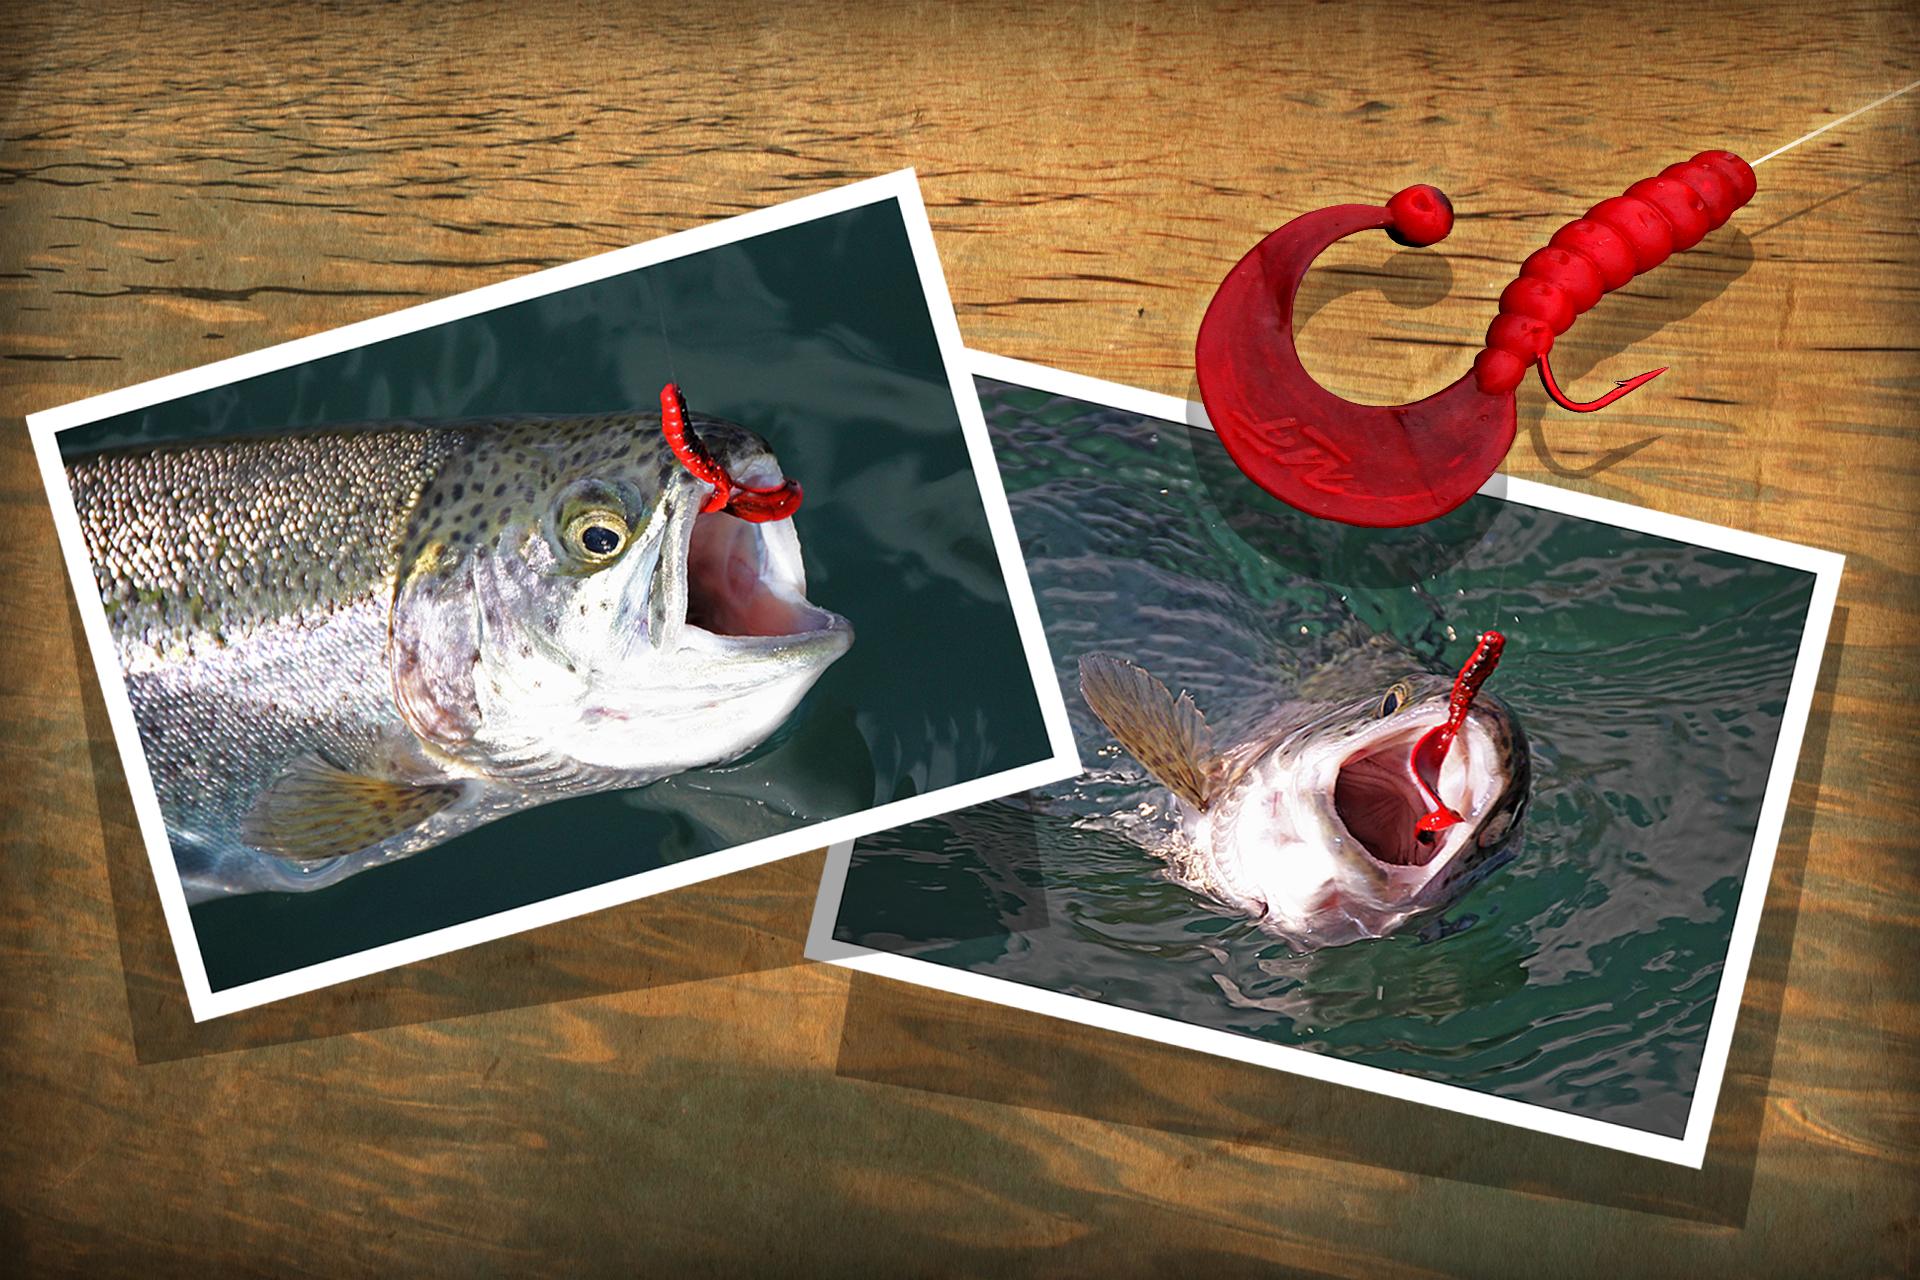 mit sbirolino und twister angeln am forellensee dr catch besser angeln. Black Bedroom Furniture Sets. Home Design Ideas